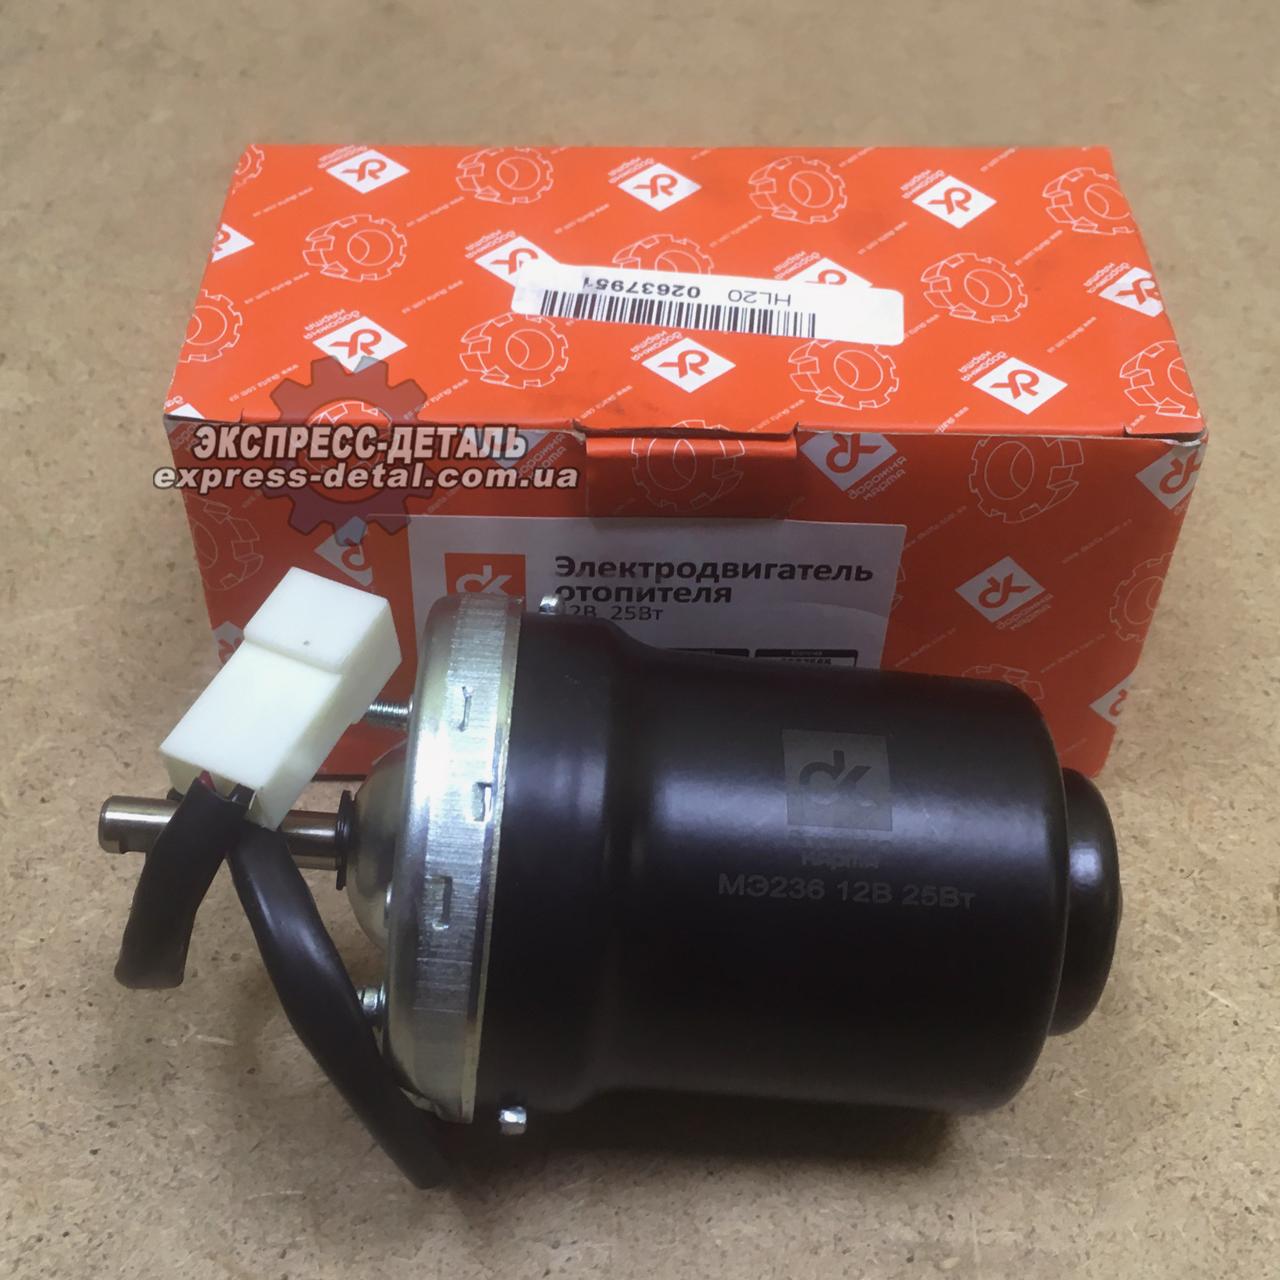 Электродвигатель отопителя ЮМЗ │ МЭ-236